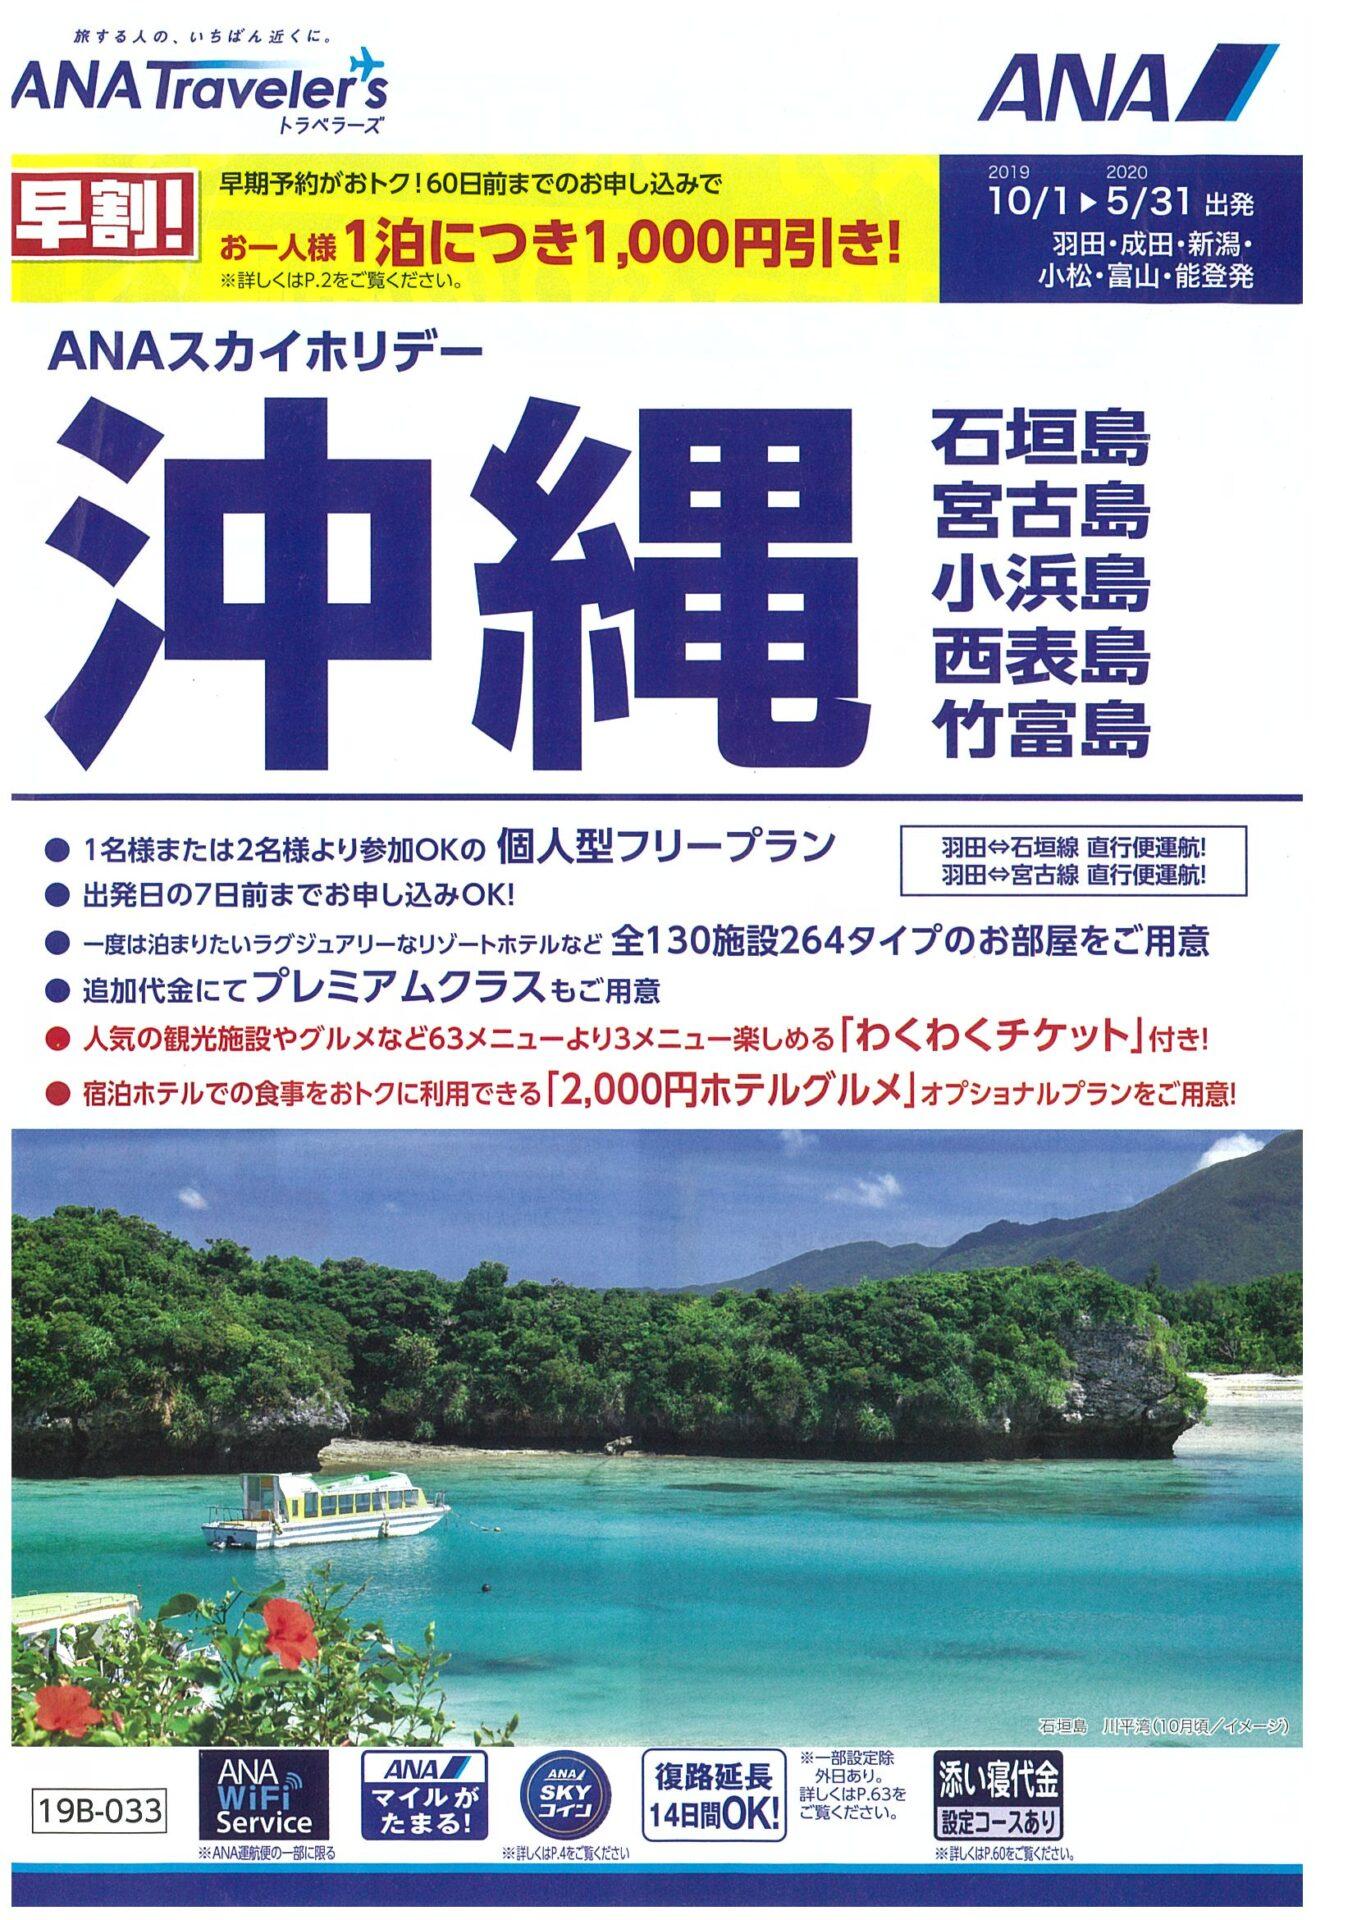 ANA スカイホリデー 沖縄